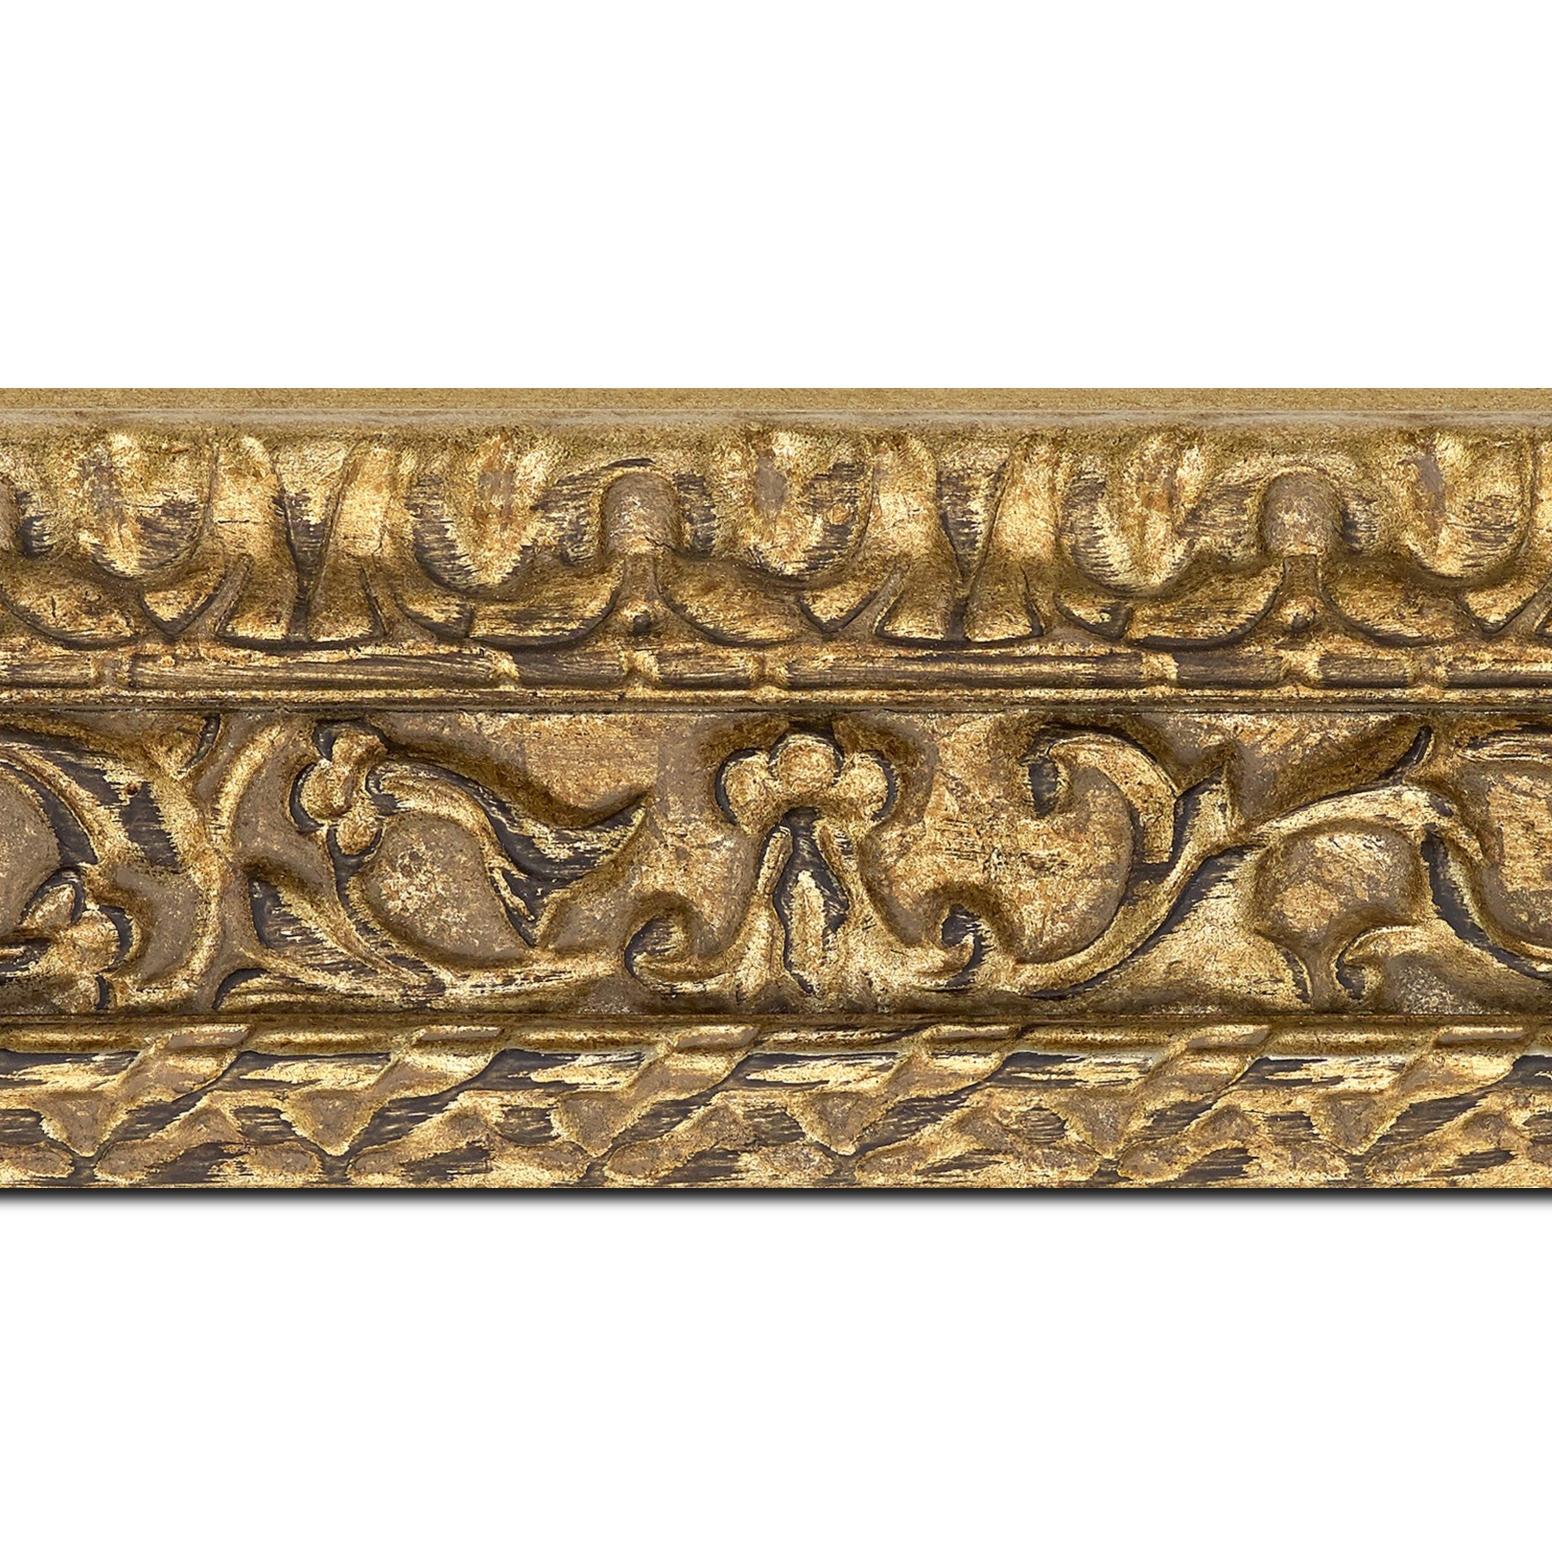 Baguette longueur 1.40m bois profil incurvé largeur 9.8cm argent chaud antique style ornement